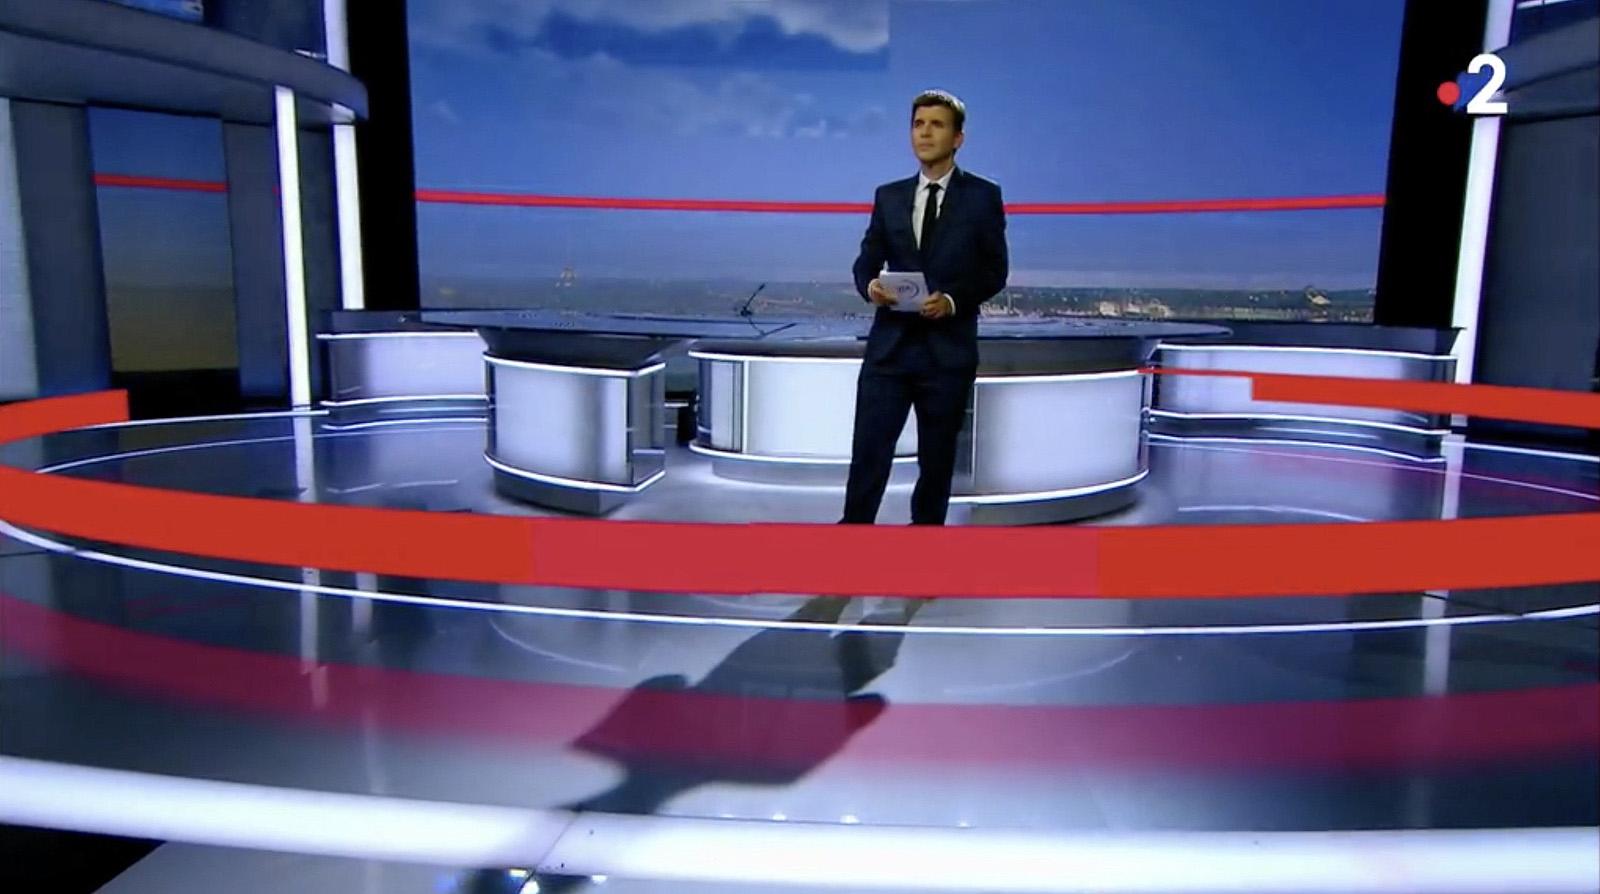 NCS_Journal Télévisé de France 2_003